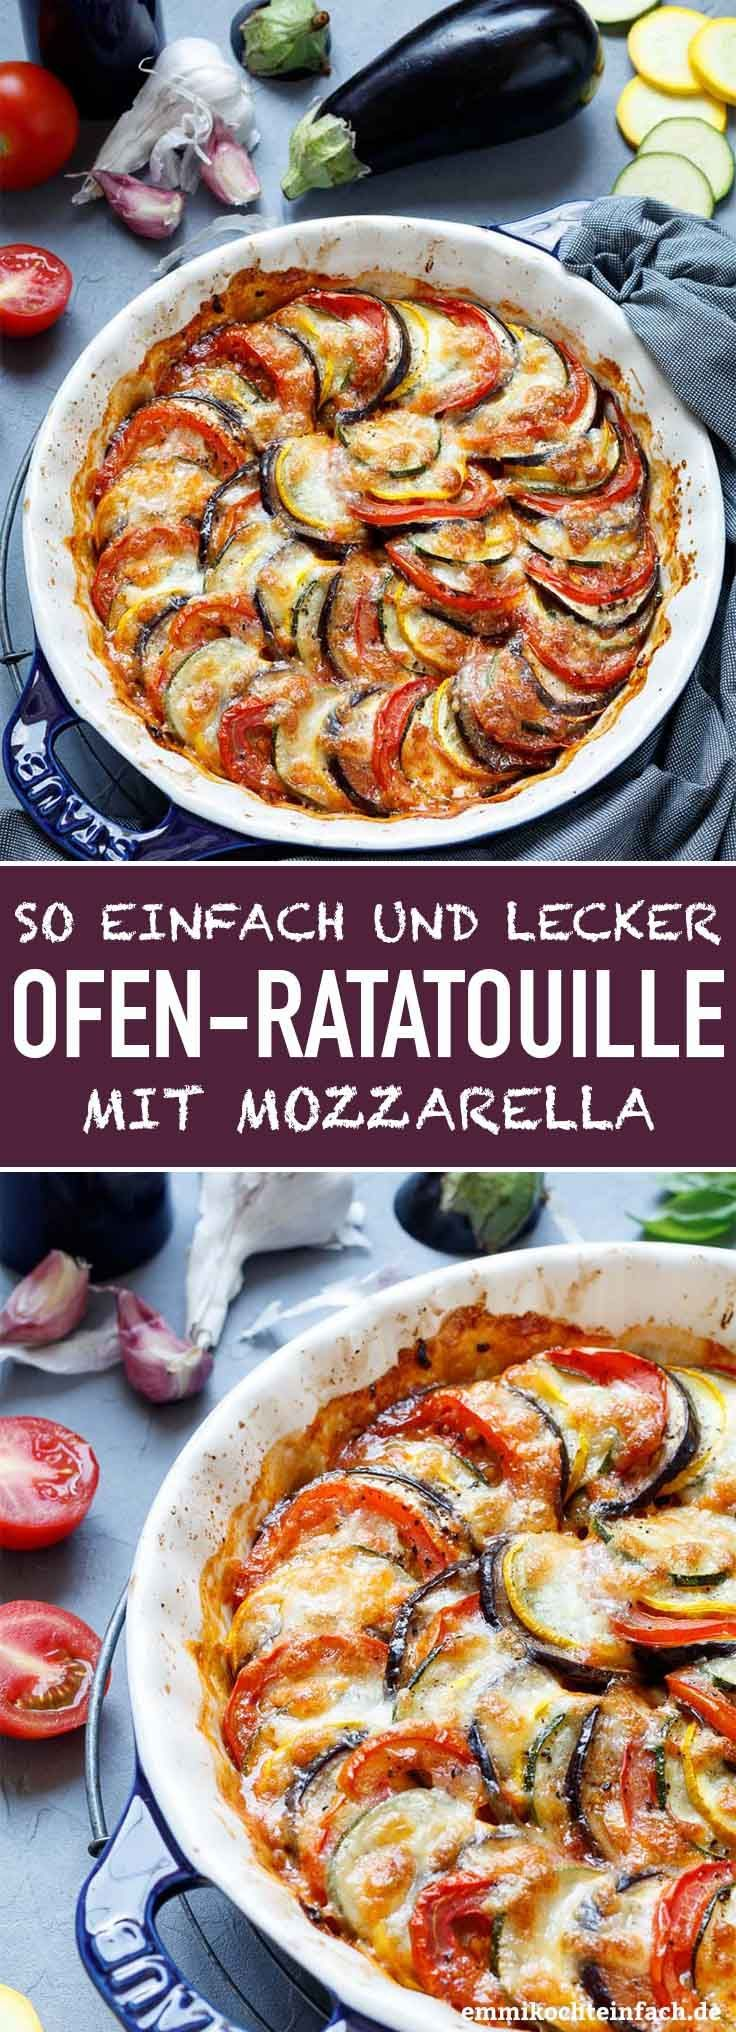 Ratatouille aus dem Ofen mit Mozzarella  Das einfache und unkomplizierte Rezept für die leckere Low Carb Beilage aus dem Ofen mit aromatischen Tomaten Zucchini Auber...